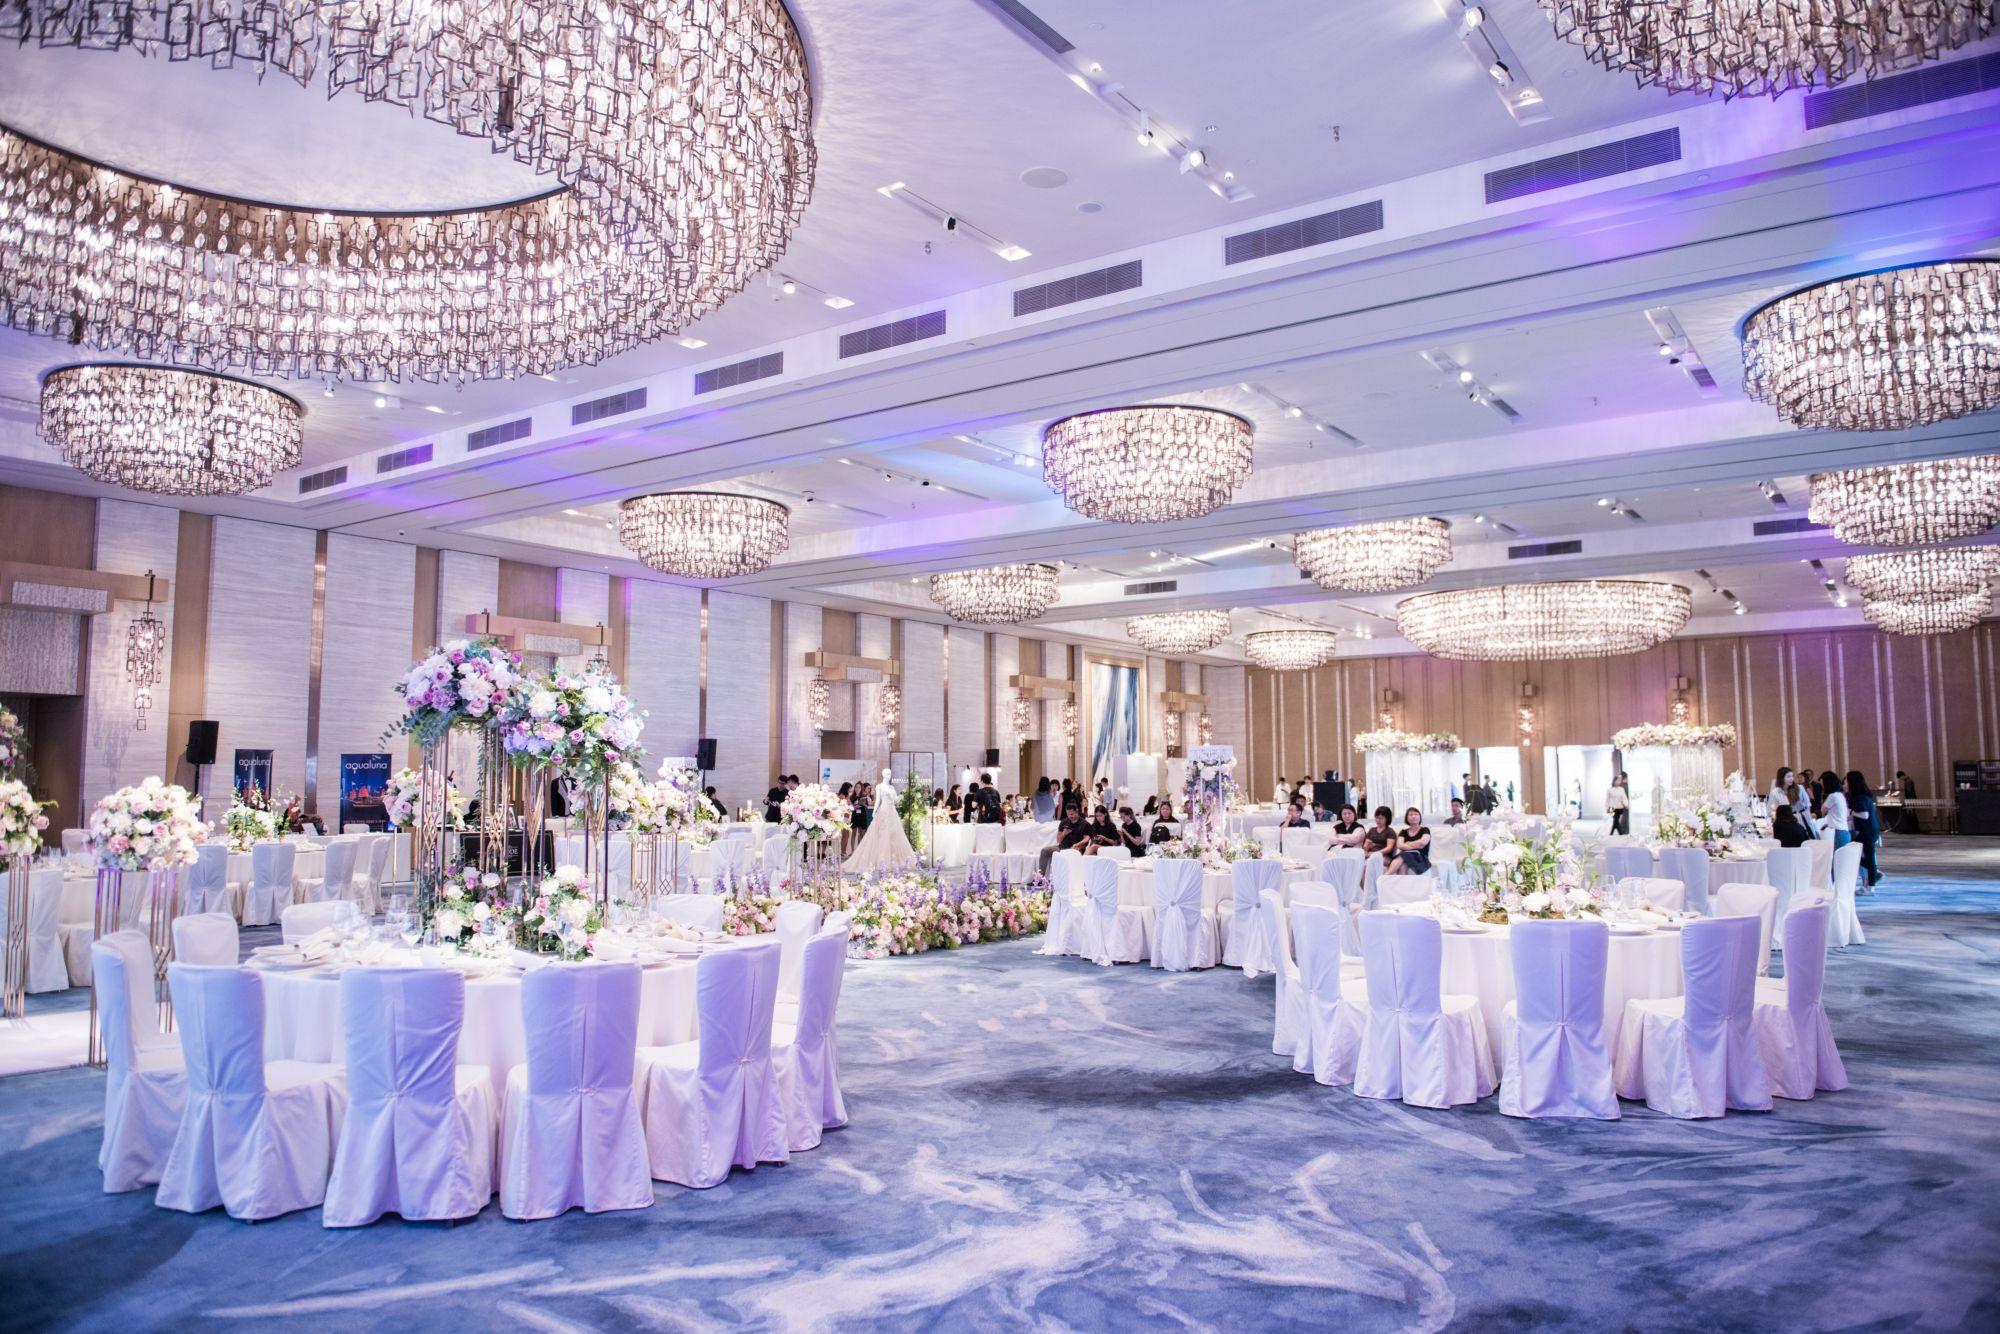 Свадьба в отеле голубой банкетный зал